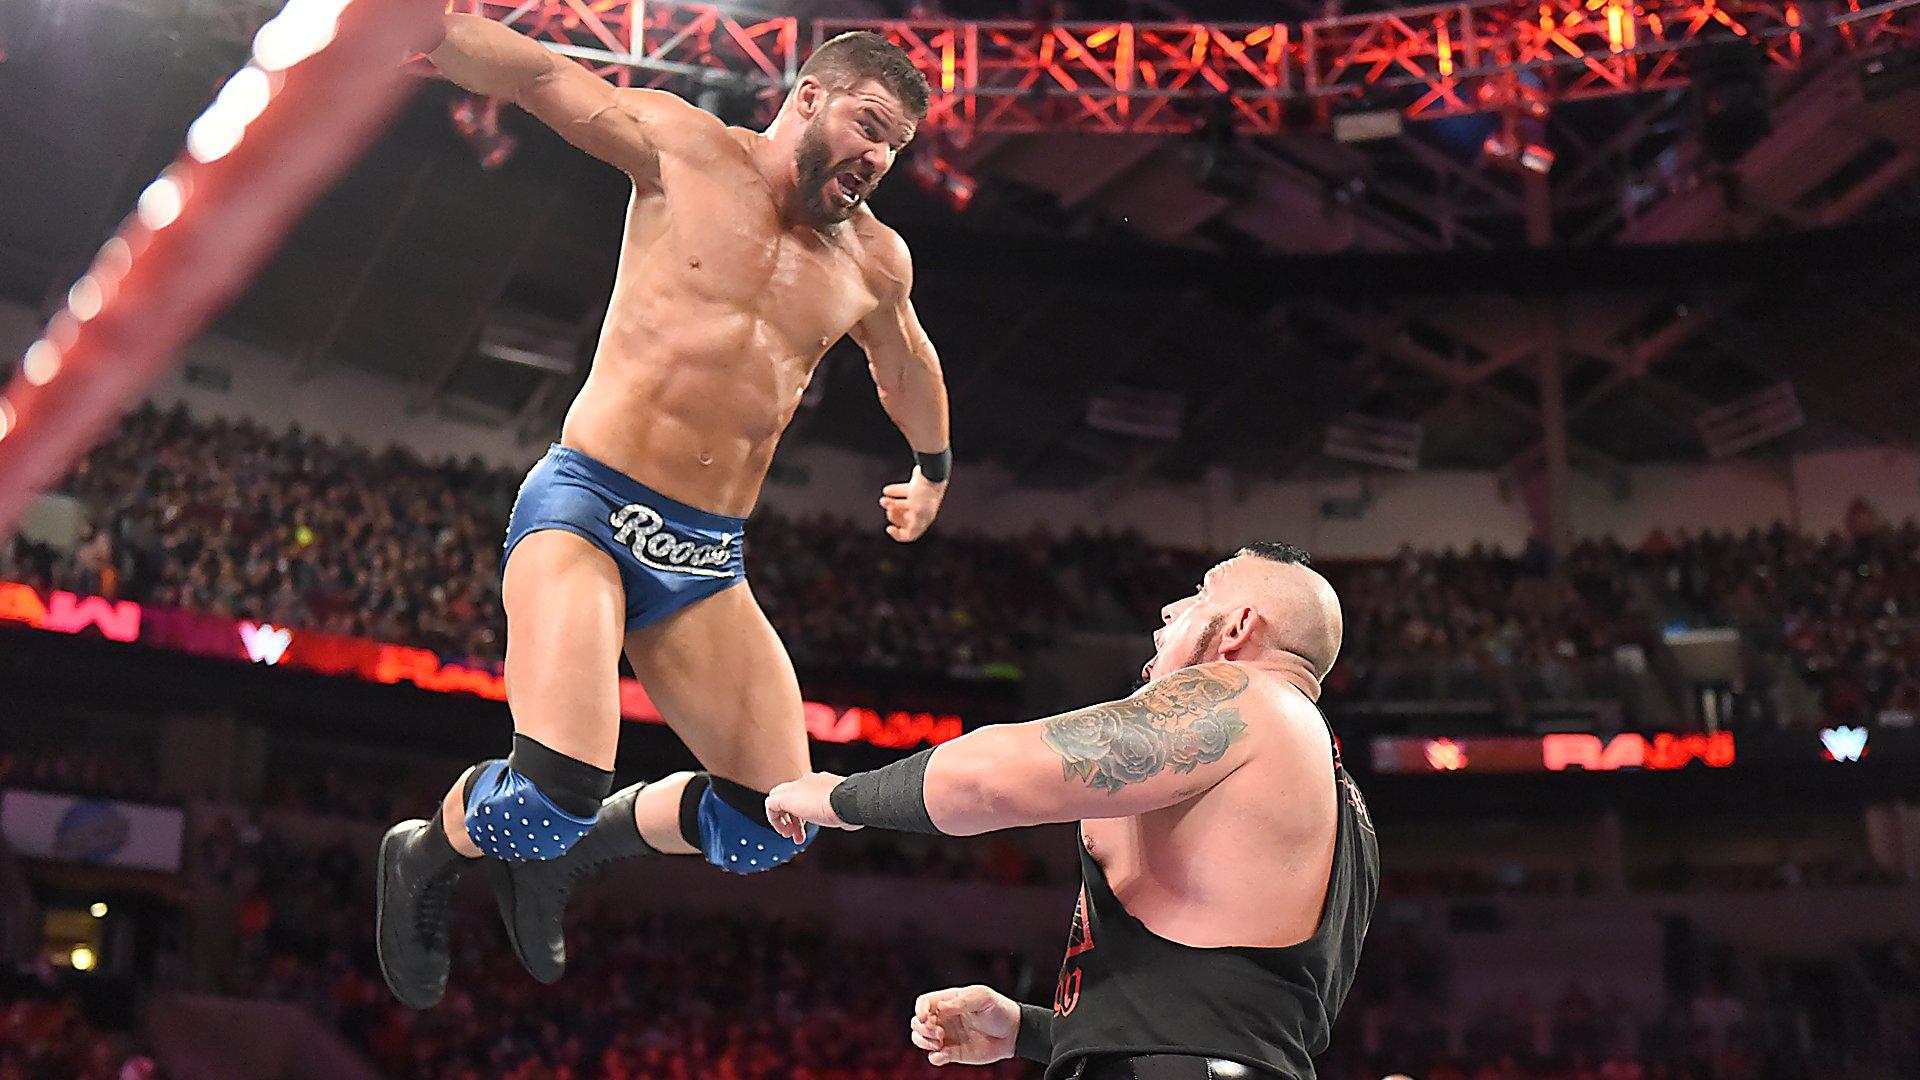 Bobby Roode vs. Konnor: Raw, Oct. 1, 2018